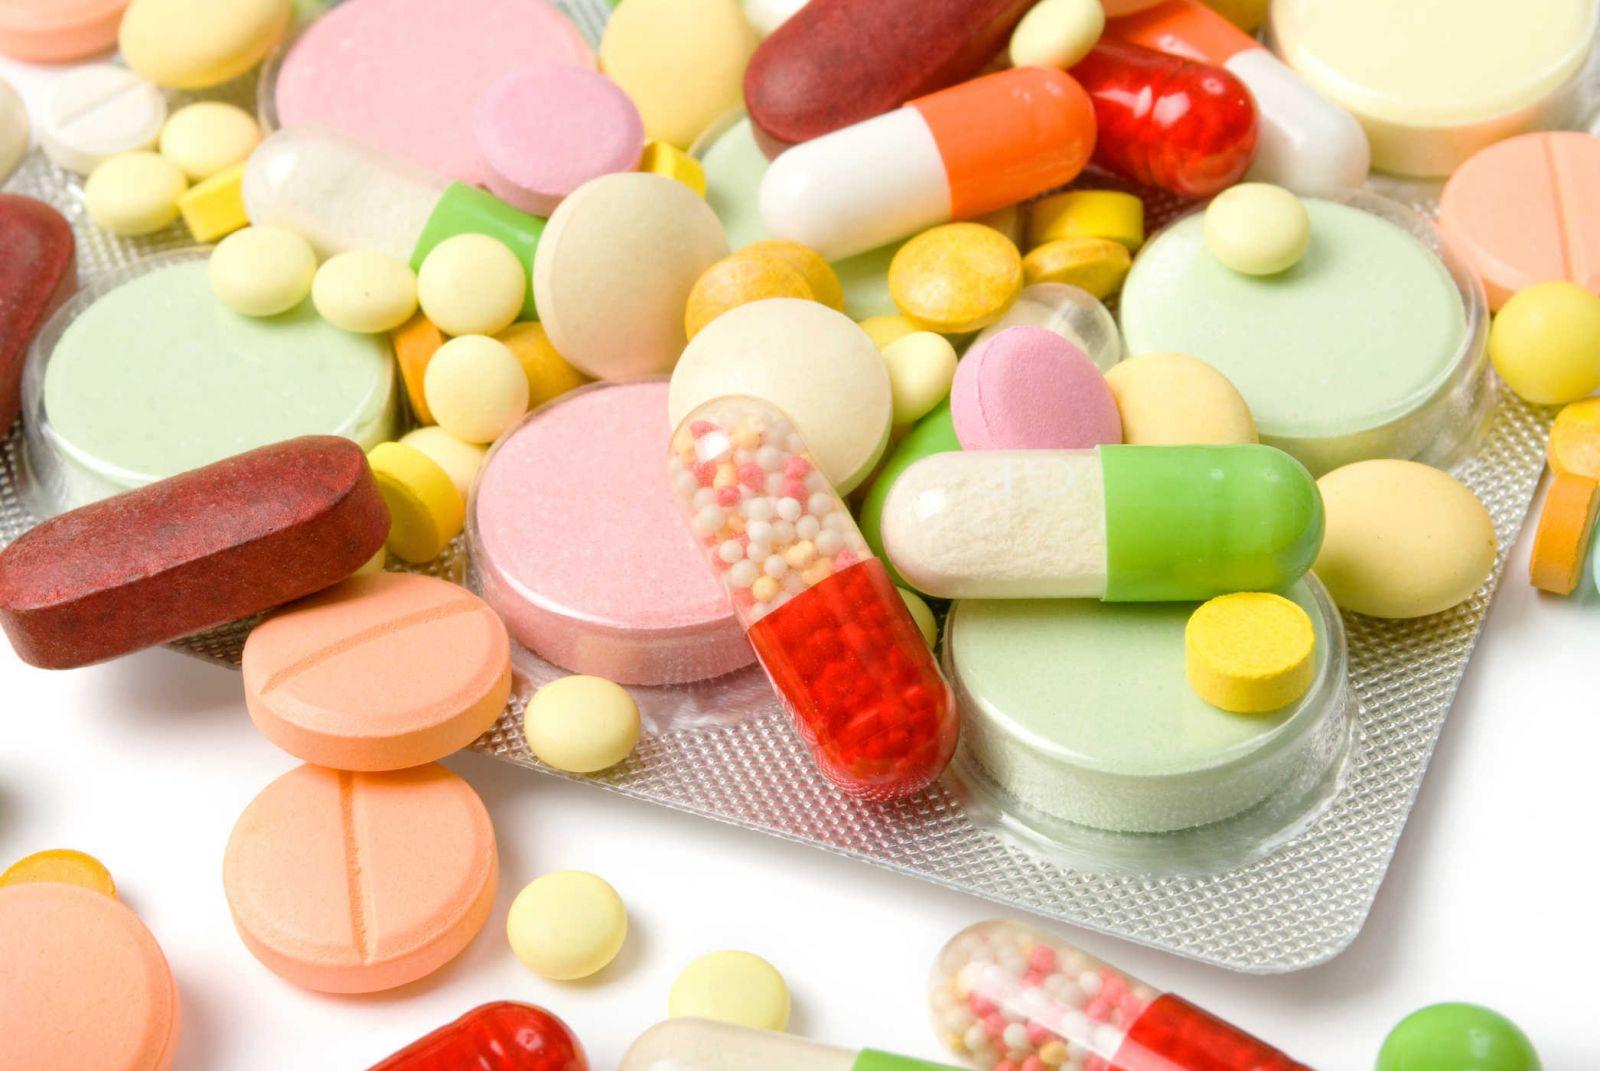 Thuốc tây chữa bệnh trĩ hỗn hợp (Hình ảnh minh họa)